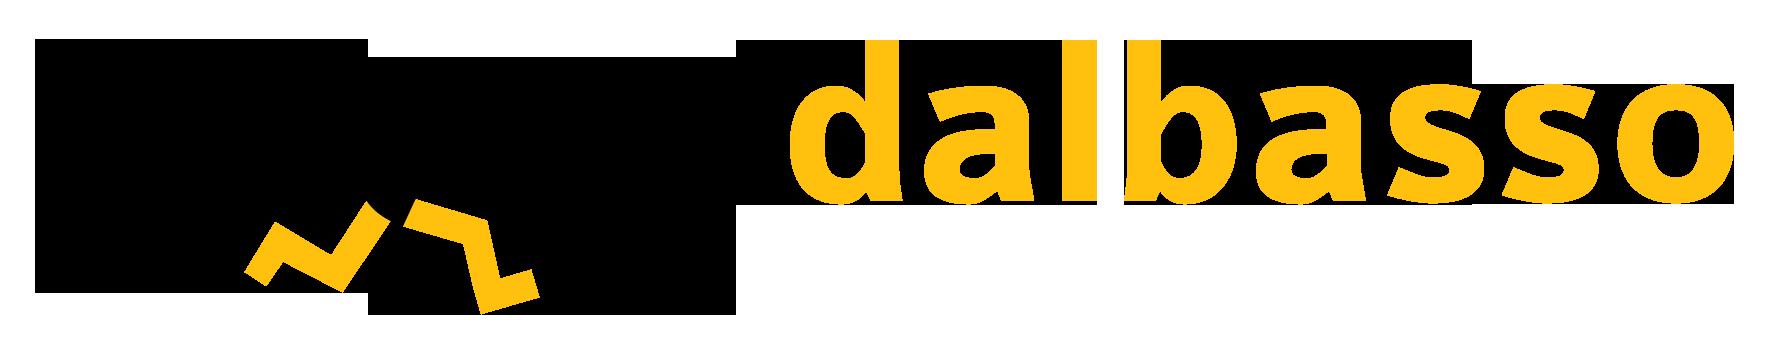 logo CDB_Grande_CMYK